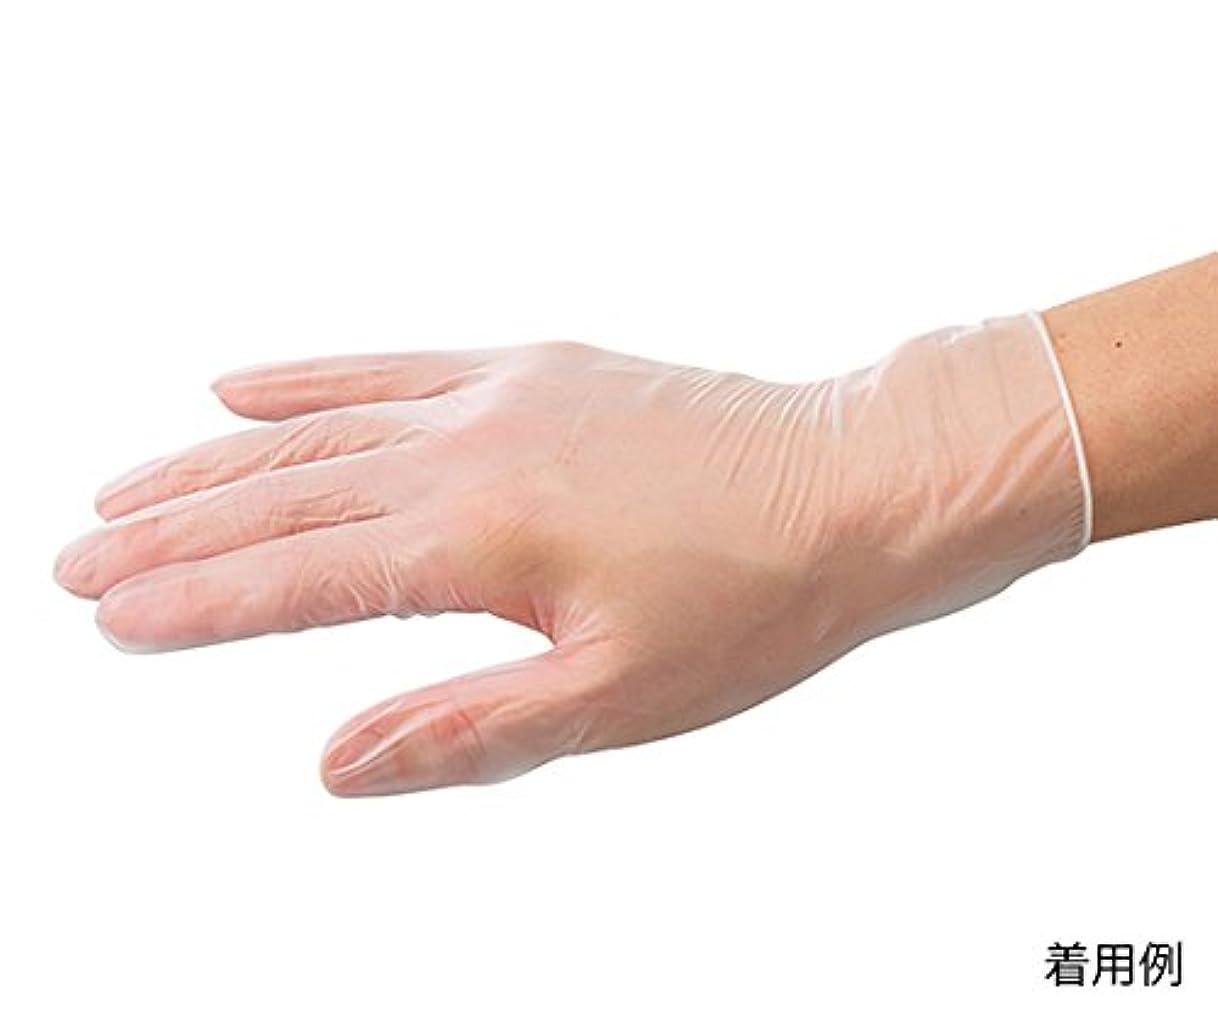 クレーターダイアクリティカルクリーナーARメディコム?インク?アジアリミテッド7-3726-03バイタルプラスチック手袋(パウダーフリー)L150枚入